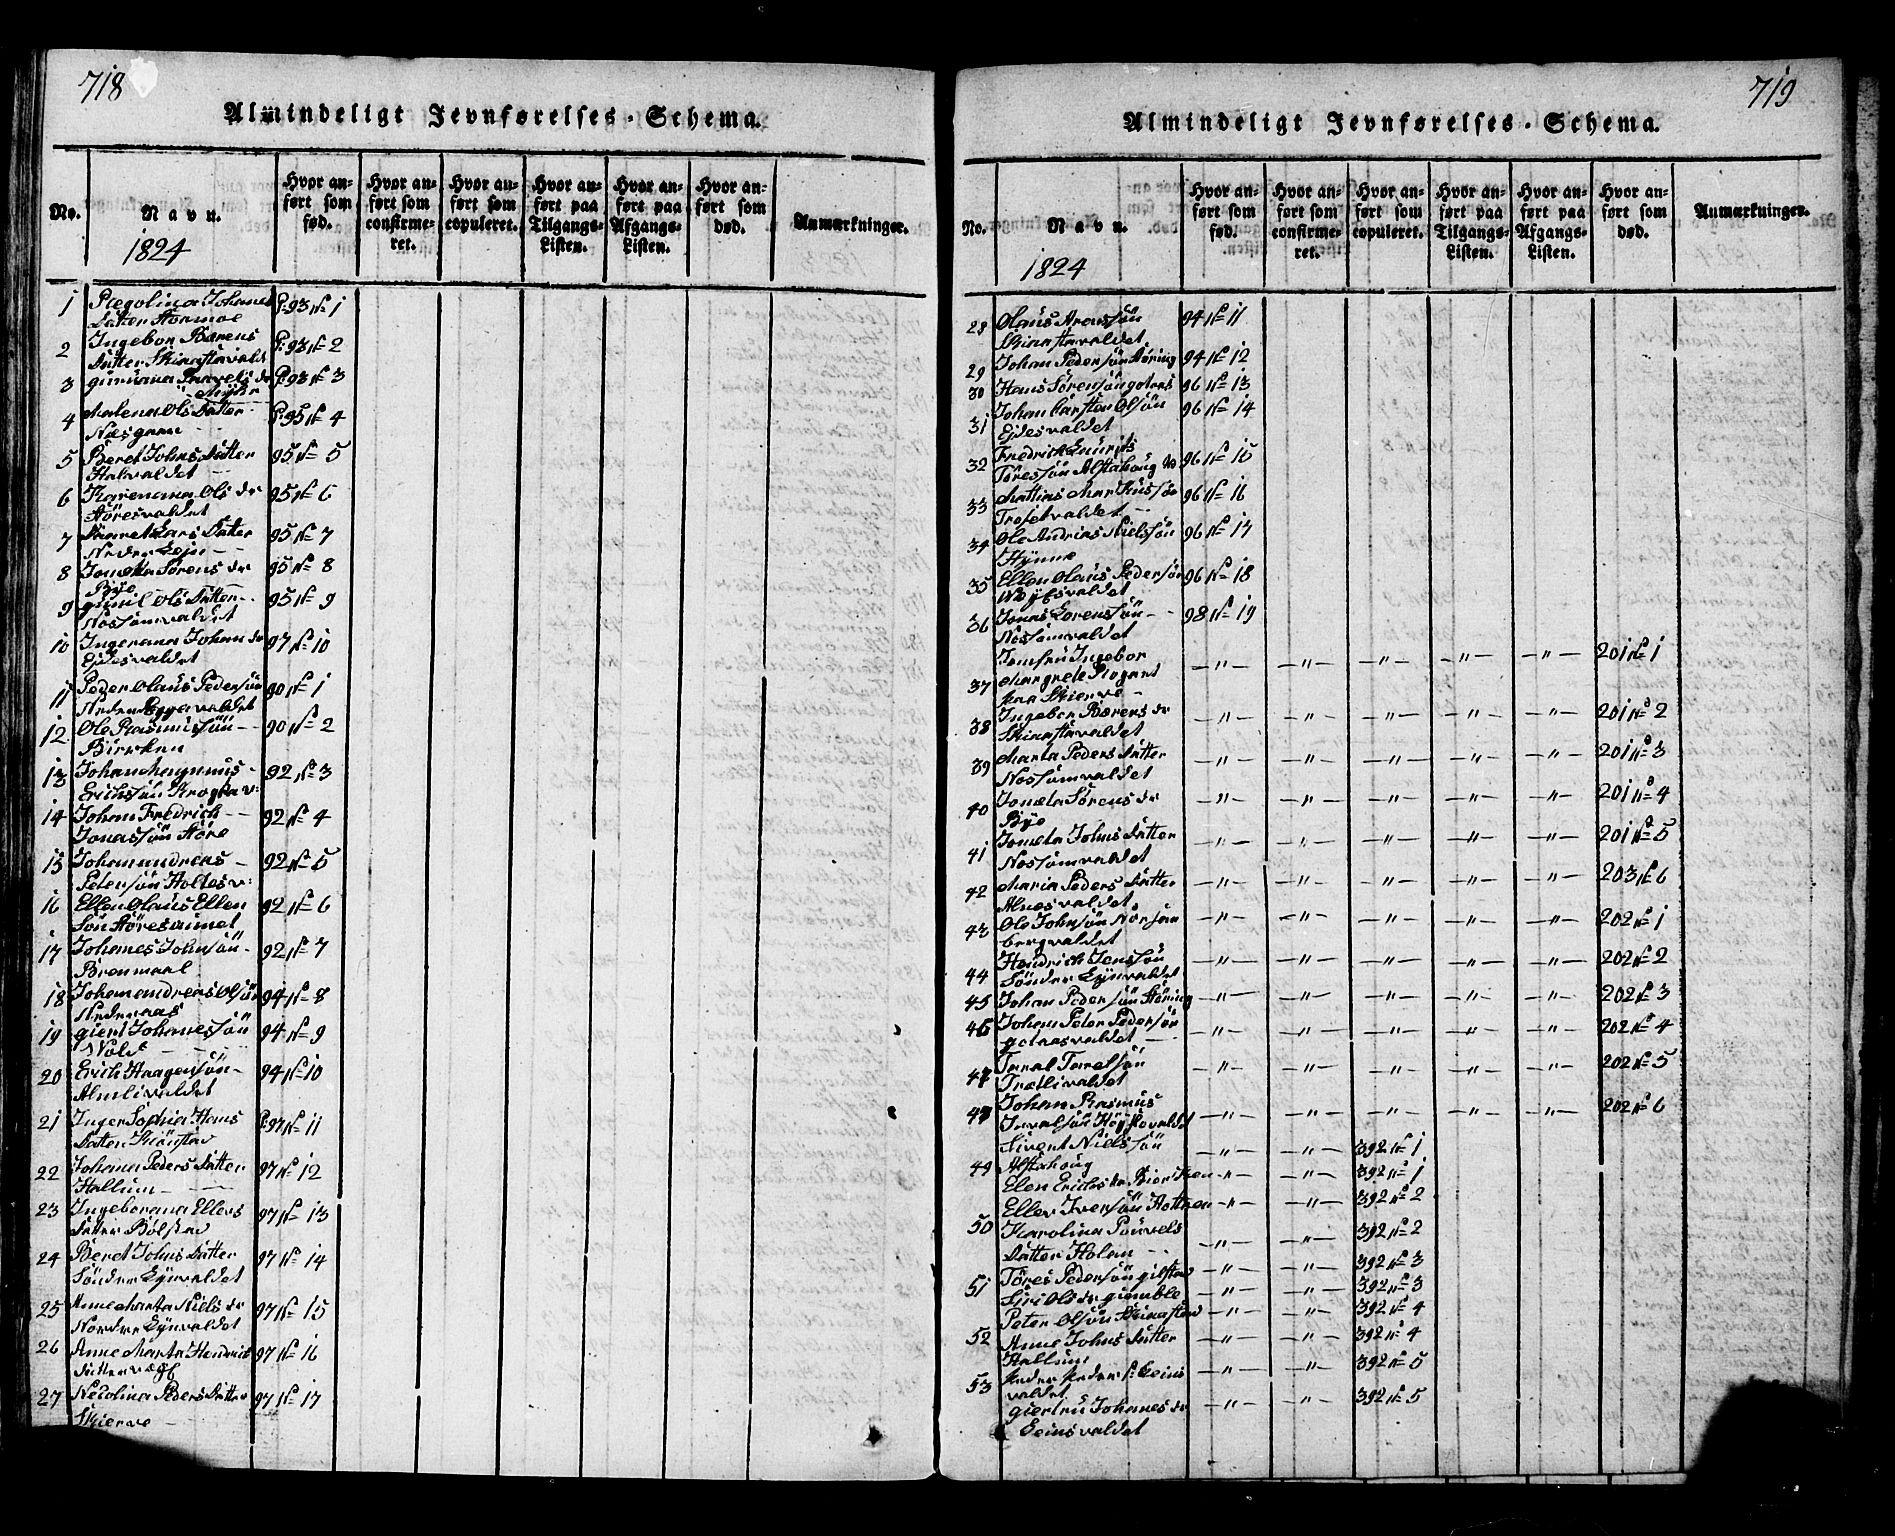 SAT, Ministerialprotokoller, klokkerbøker og fødselsregistre - Nord-Trøndelag, 717/L0169: Klokkerbok nr. 717C01, 1816-1834, s. 718-719